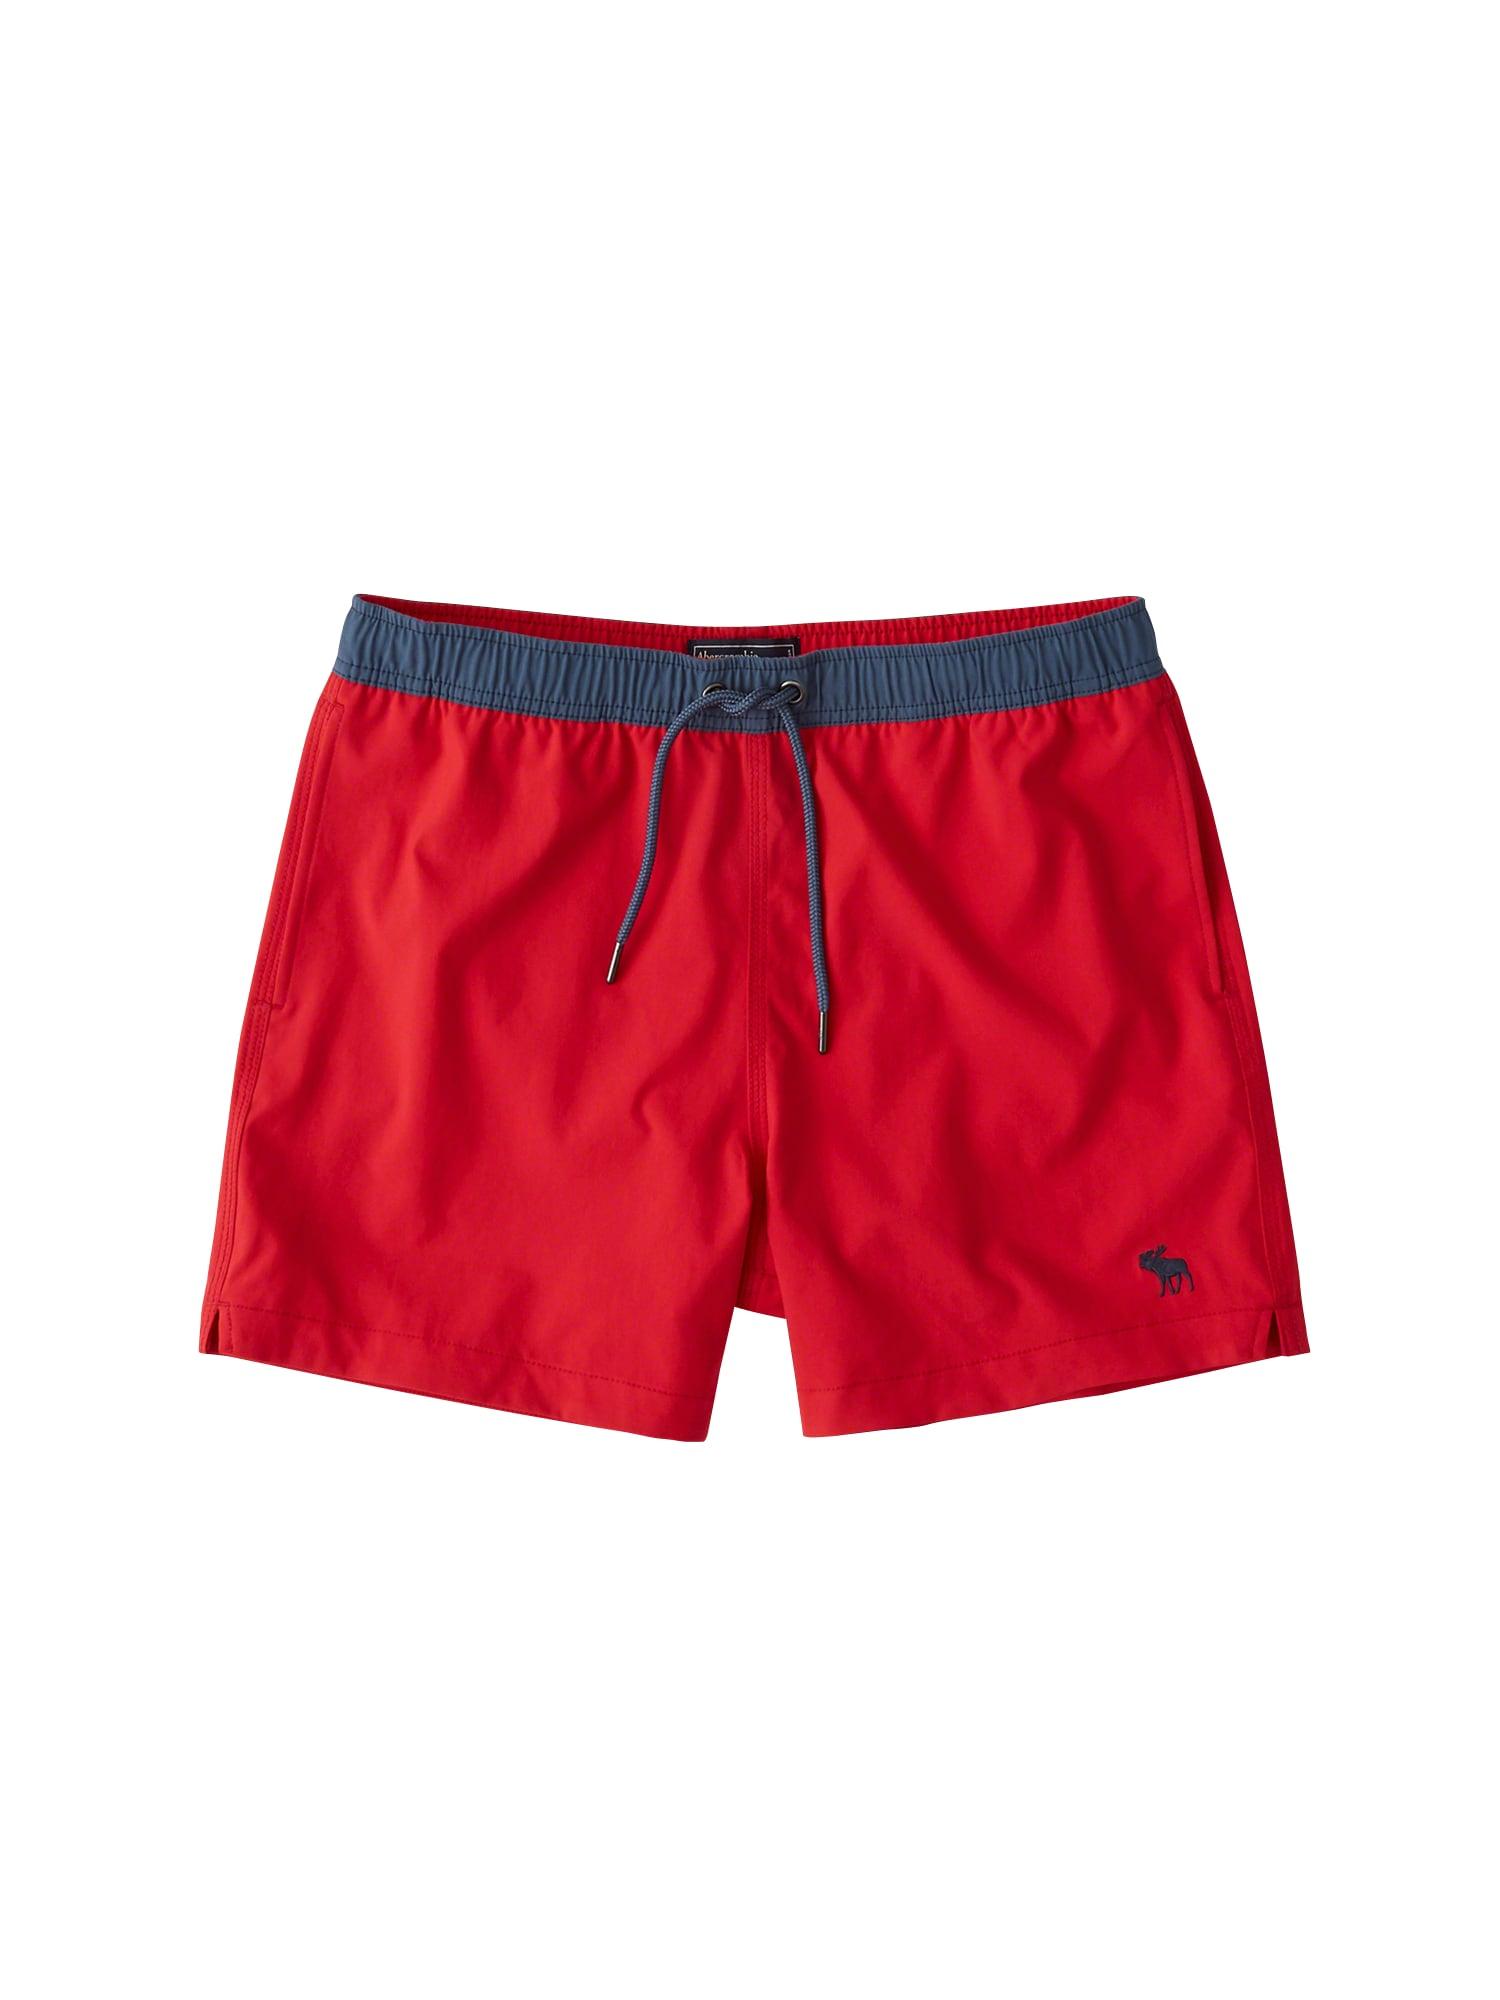 Plavecké šortky námořnická modř červená Abercrombie & Fitch